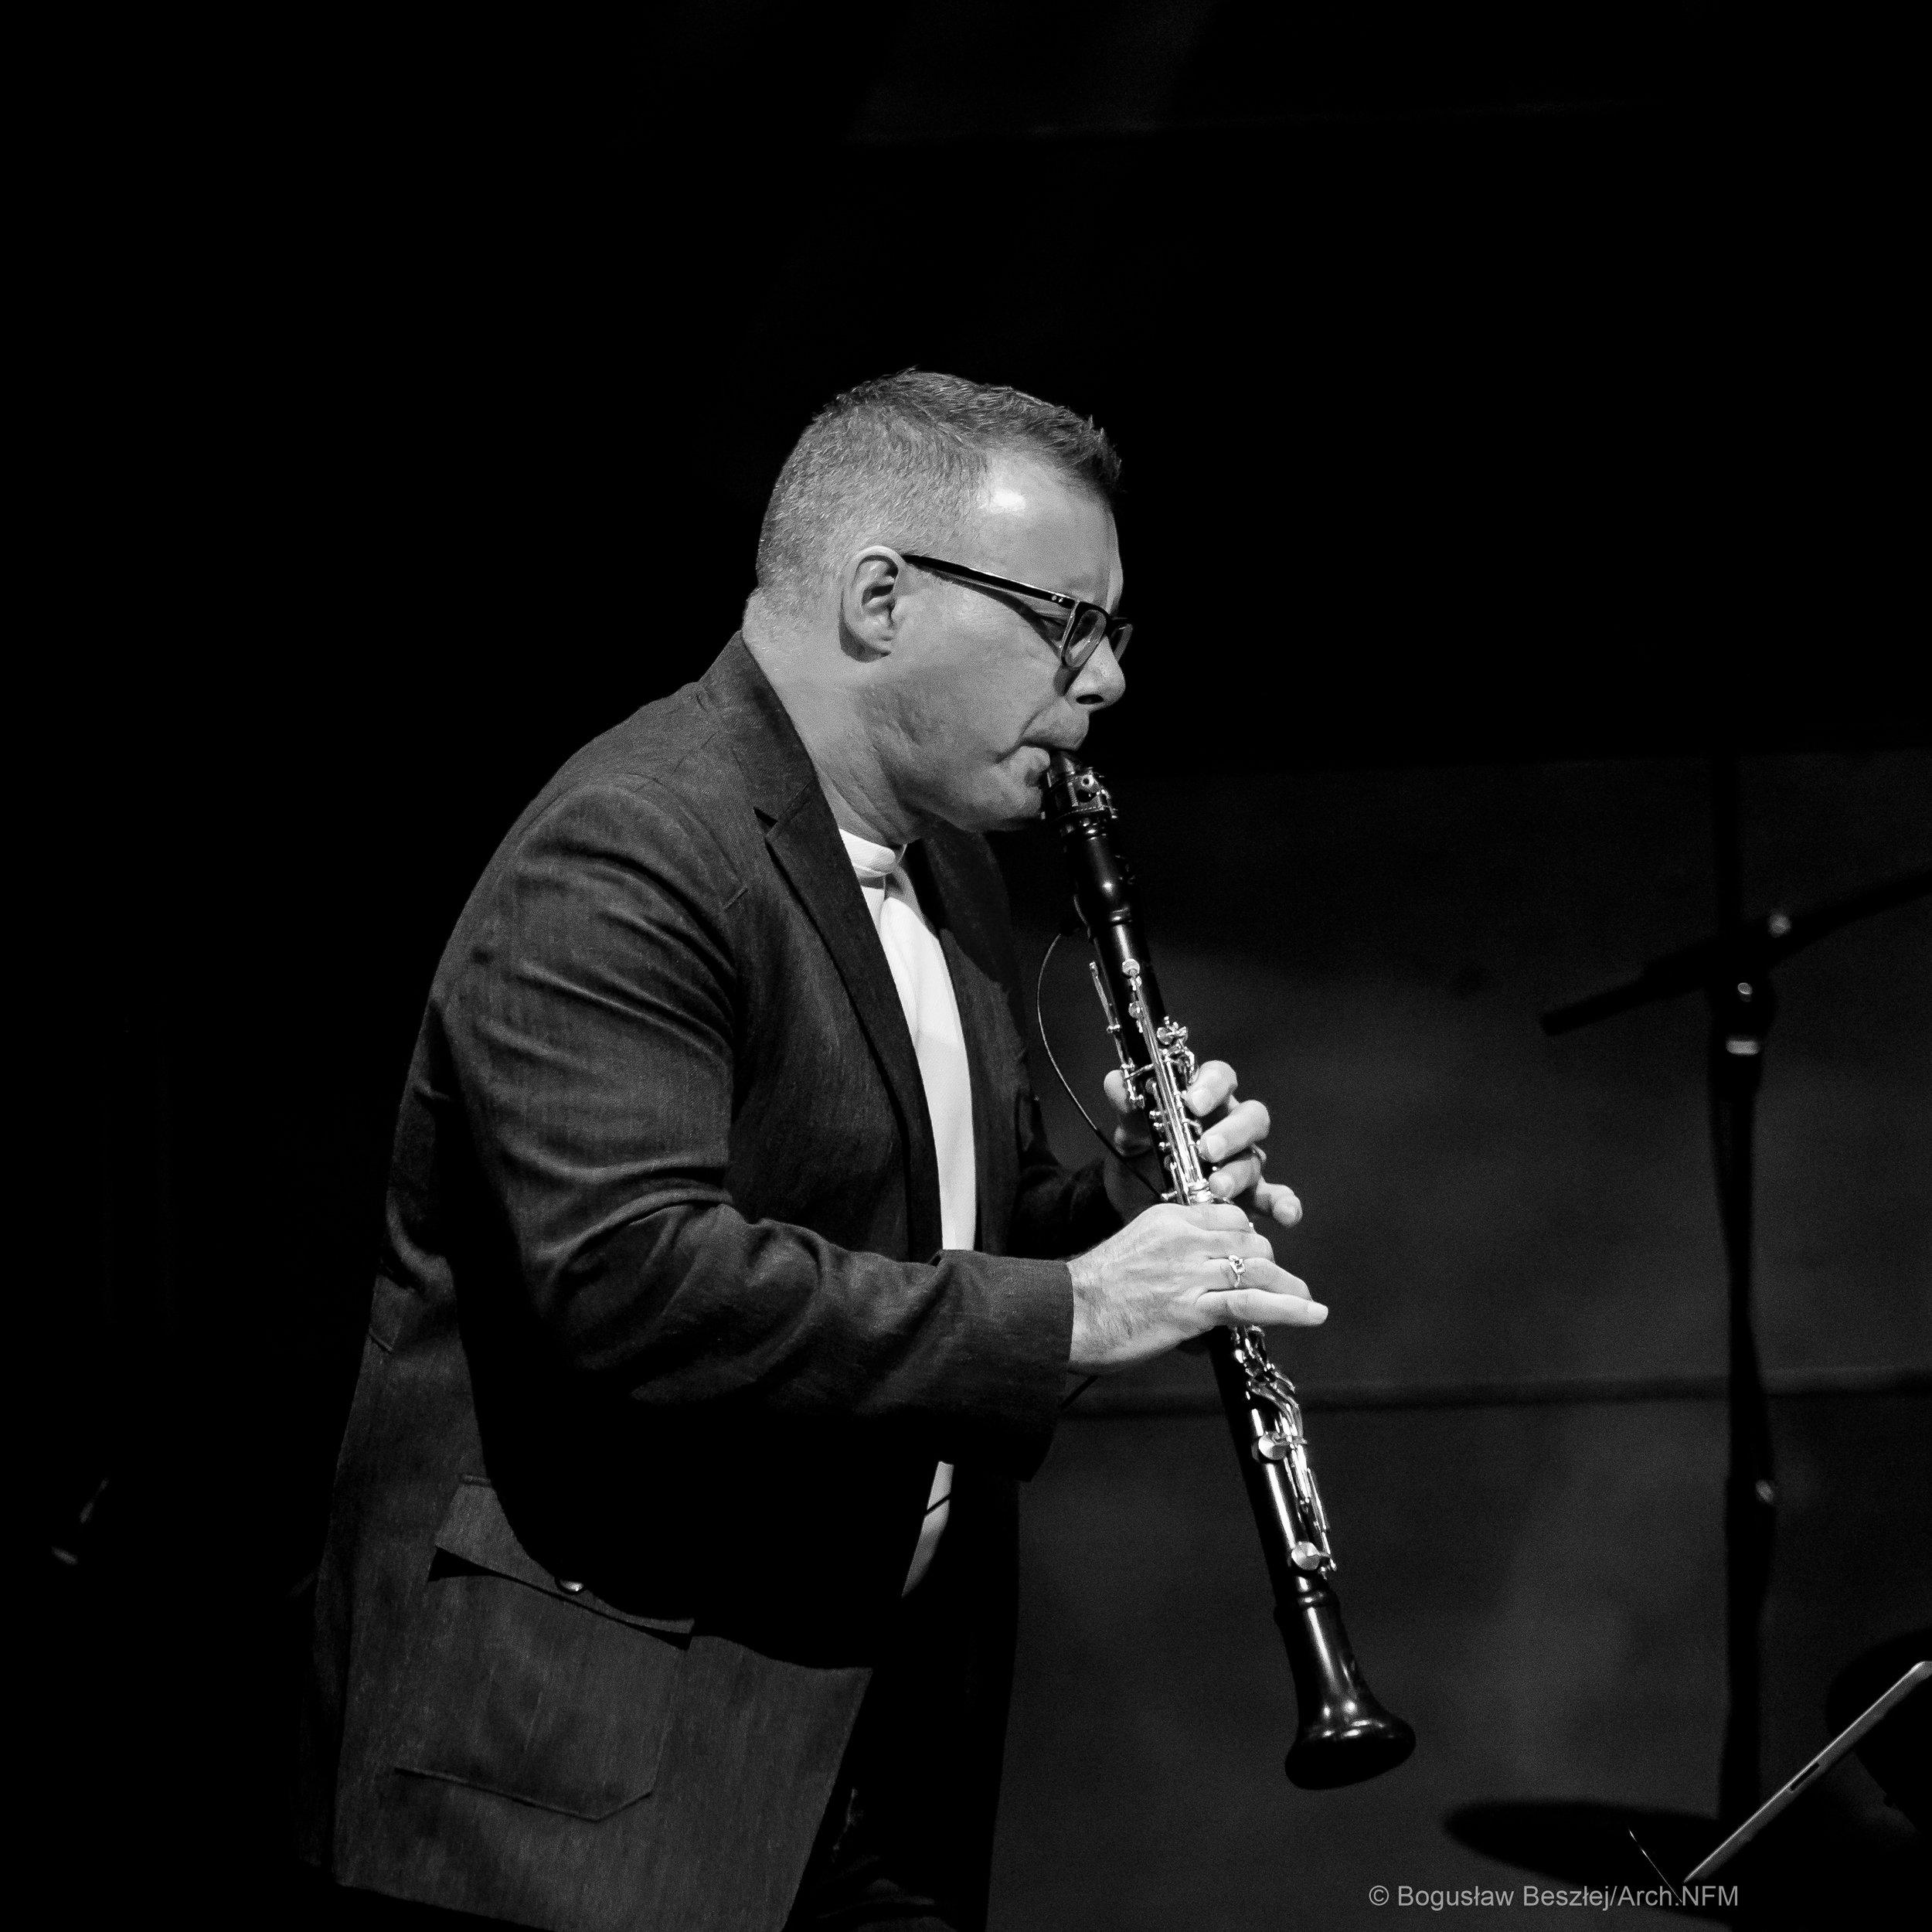 François Houle - clarinet/electronics